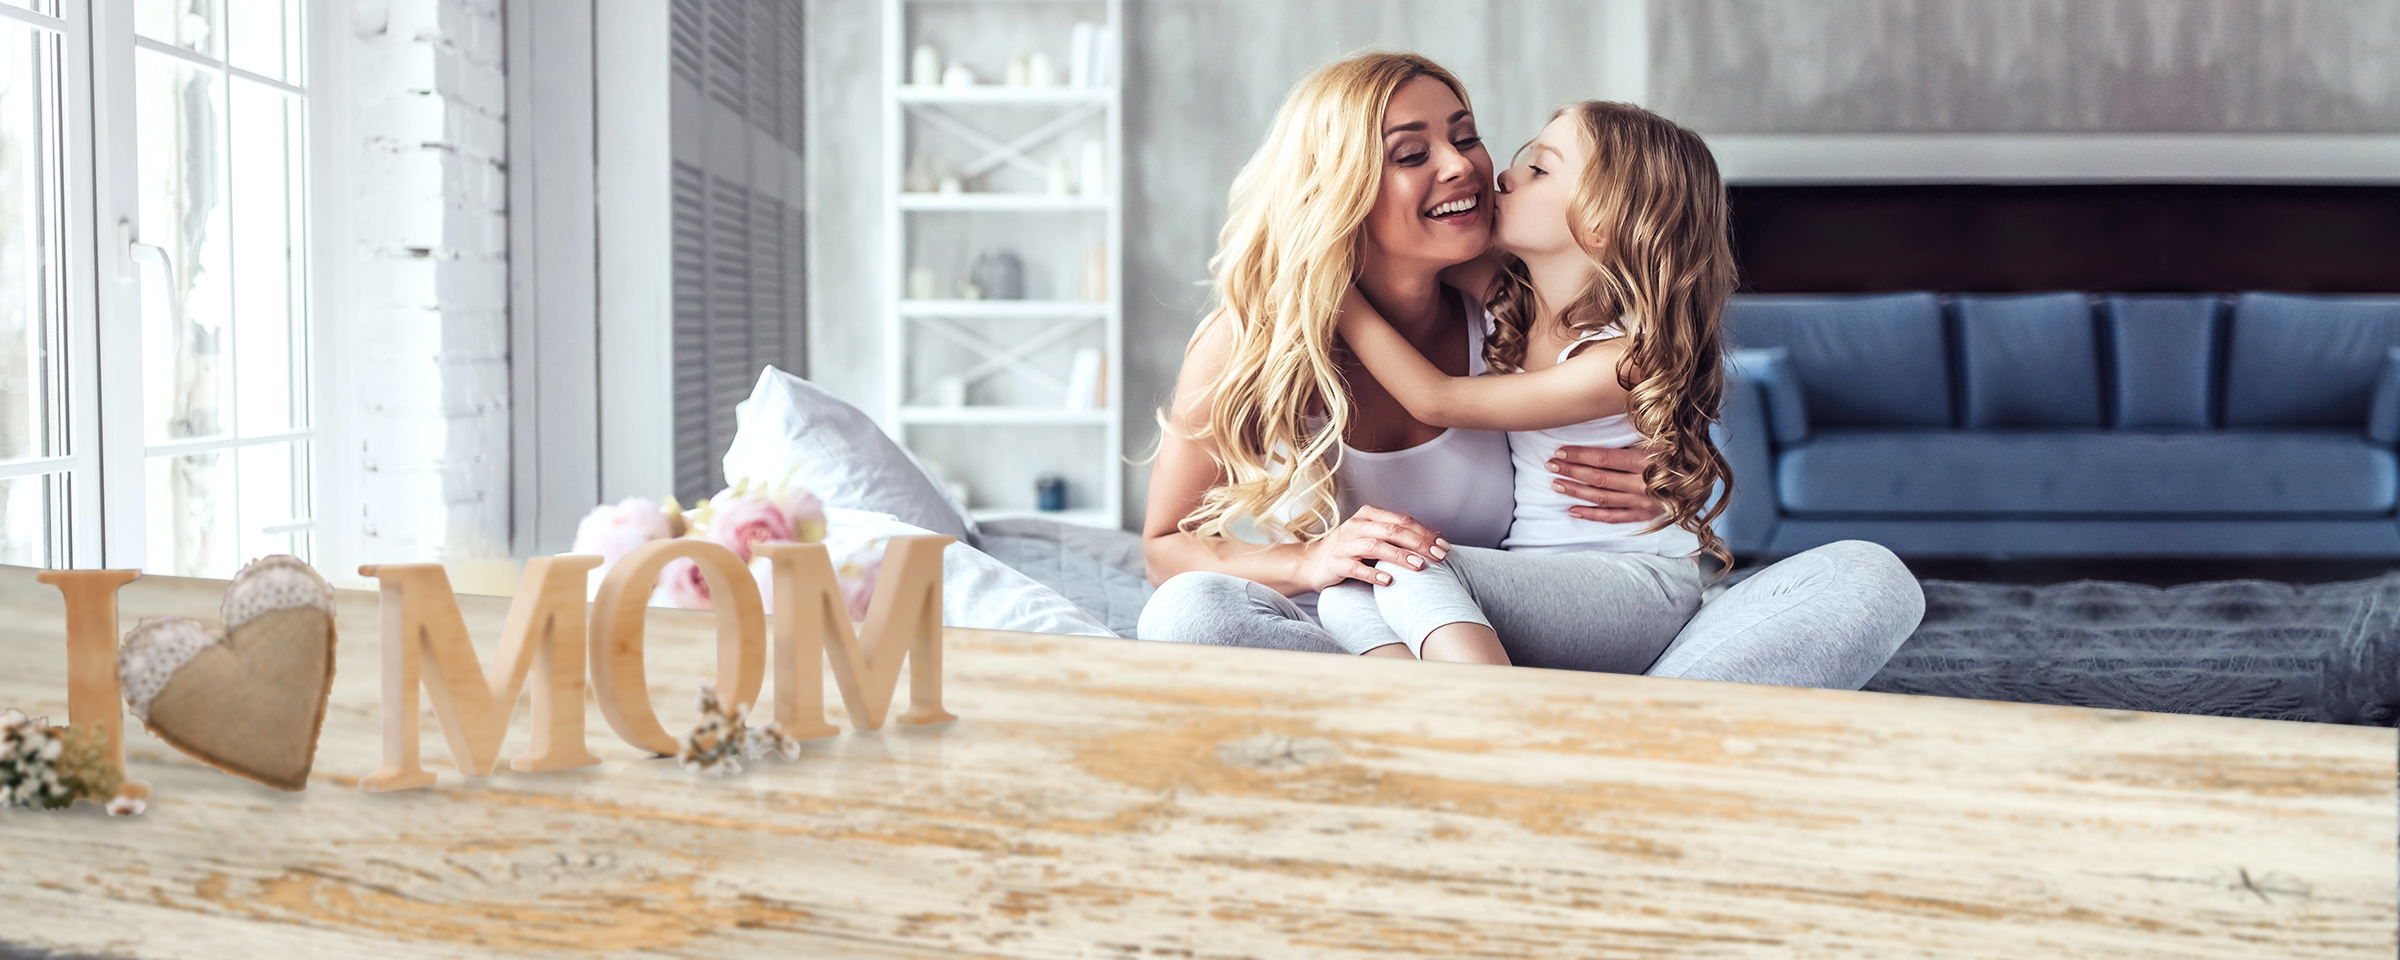 Ideen zum Muttertag: DIY Fotogeschenke